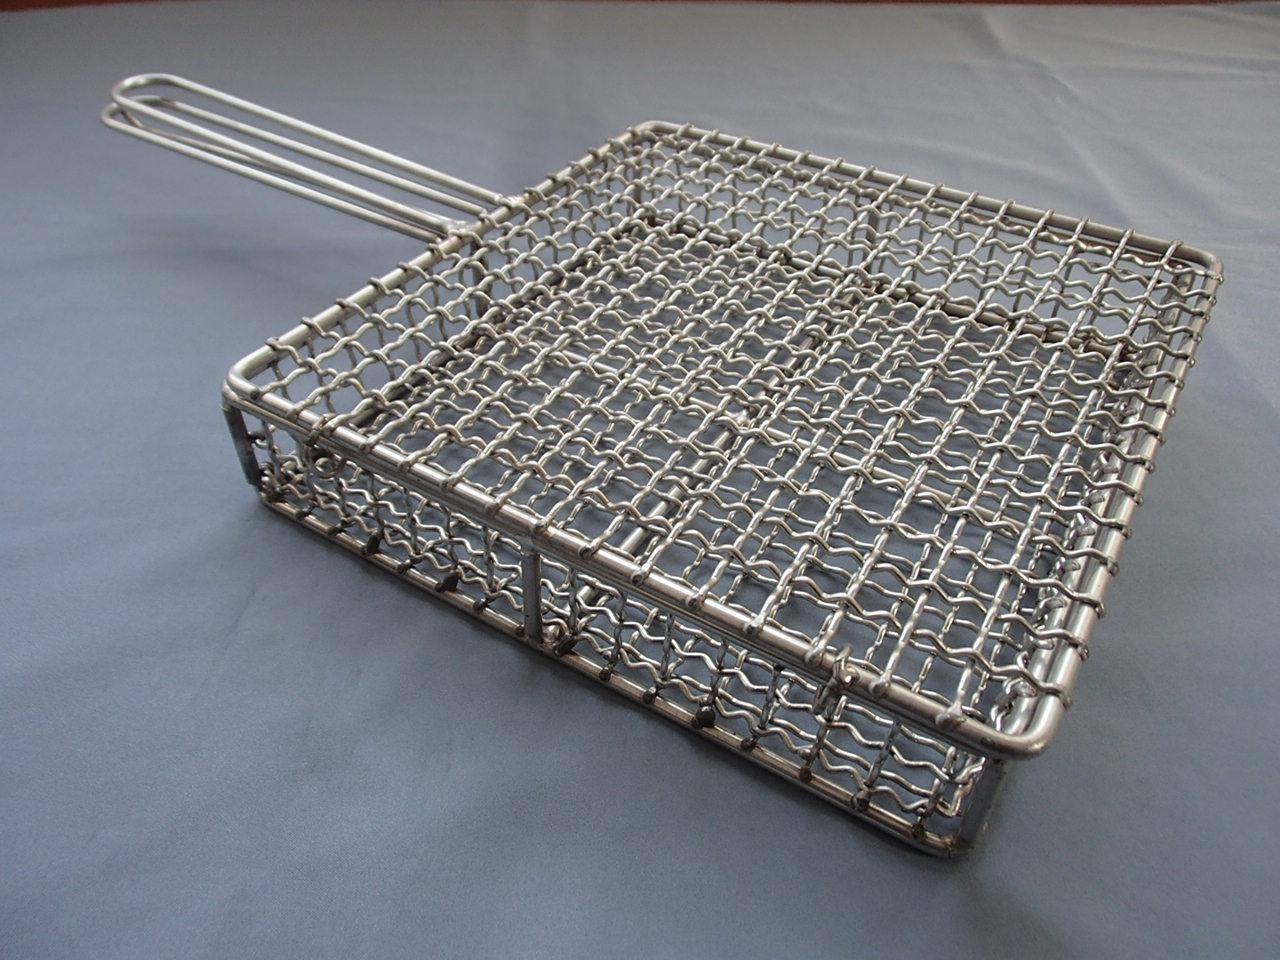 【フタ付き】地鶏焼きアミフライパン18-8ステンレス(270角)職人の完全手作り製品